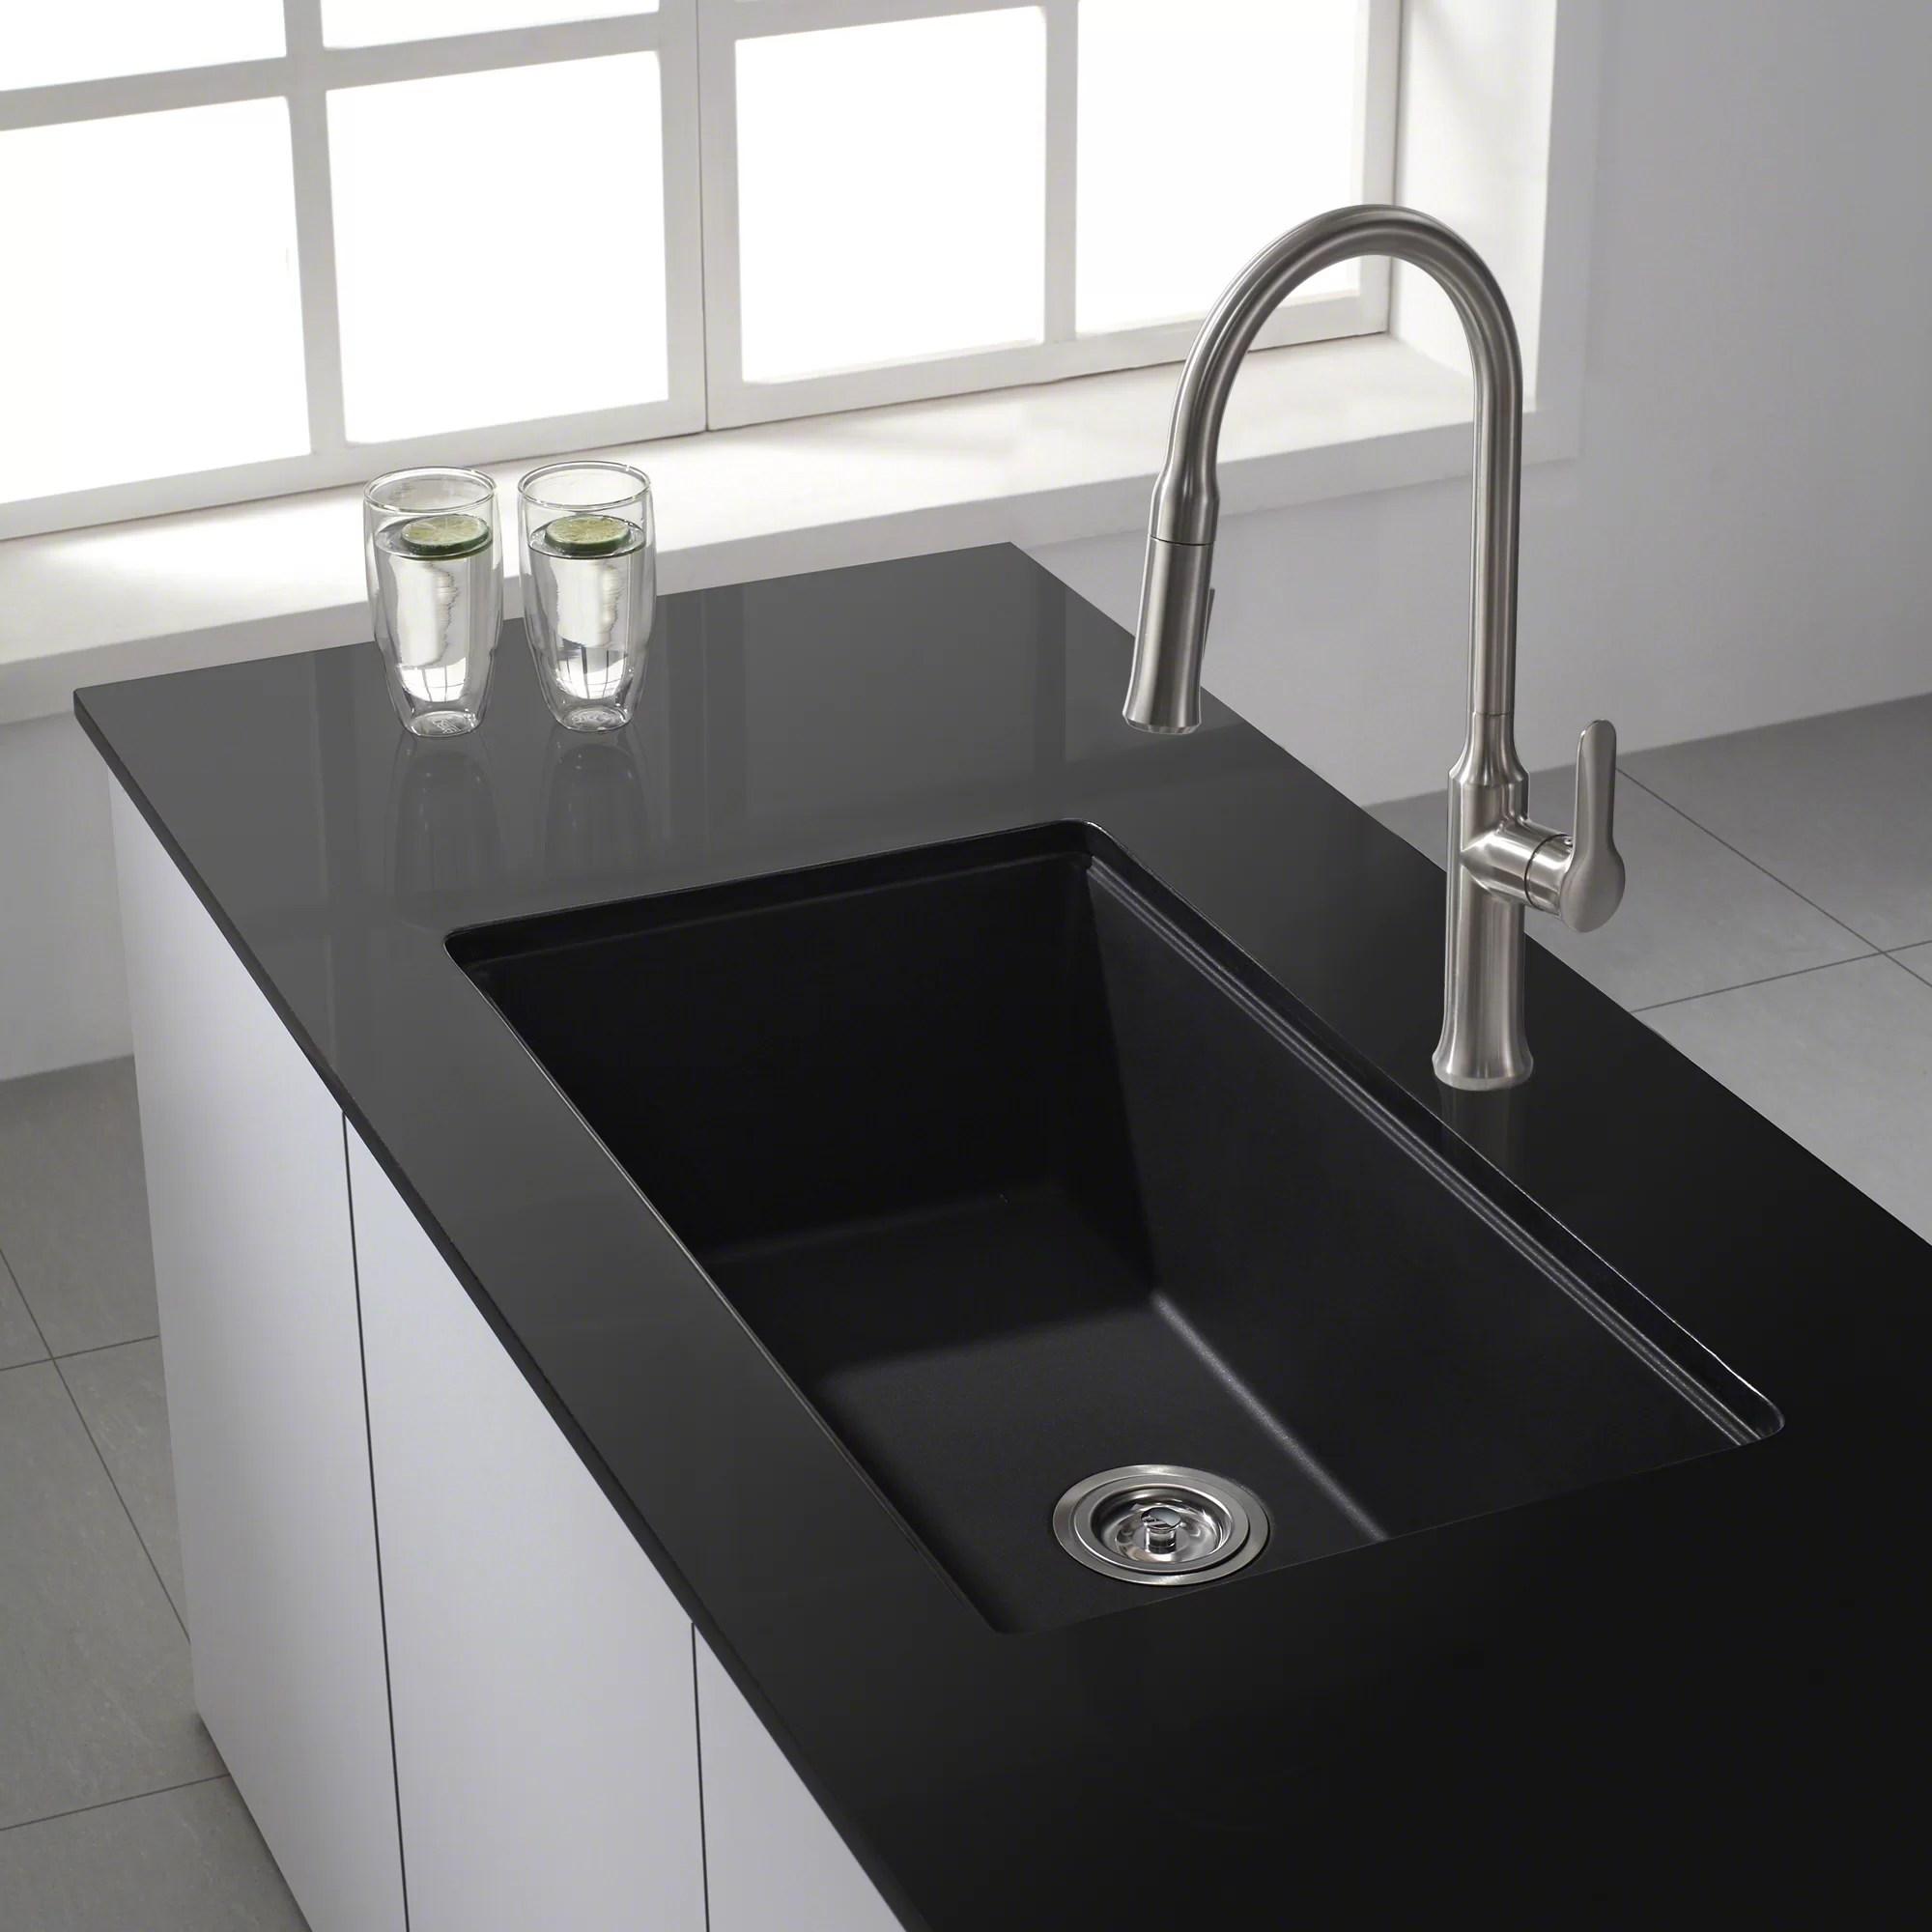 Kraus 31 x 1709 Undermount Single Bowl Granite Kitchen